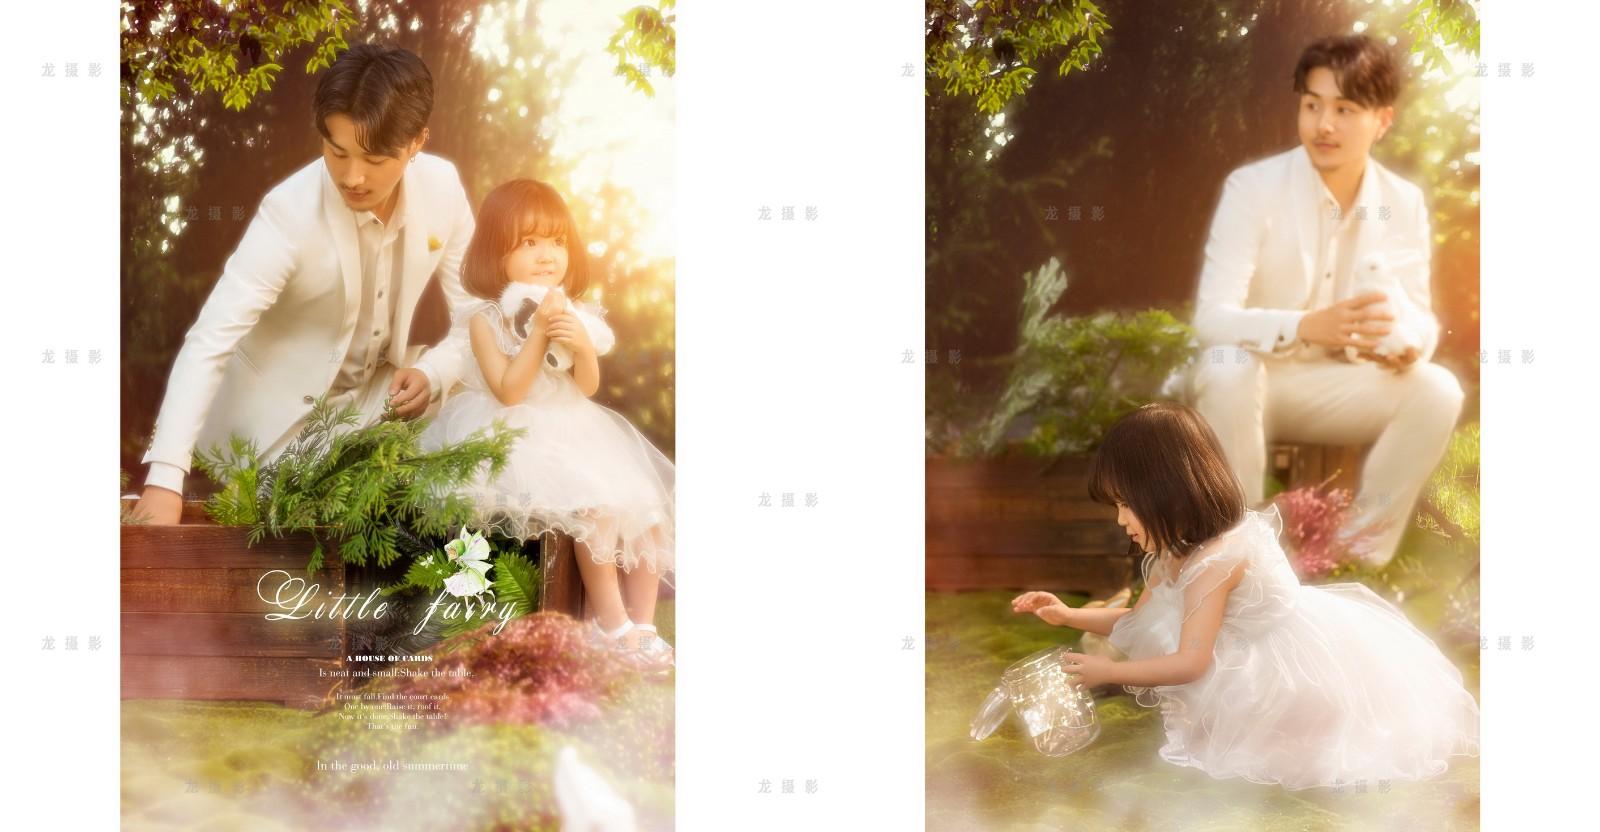 洛克|樣片展示-朝陽尊爵龍攝影有限公司